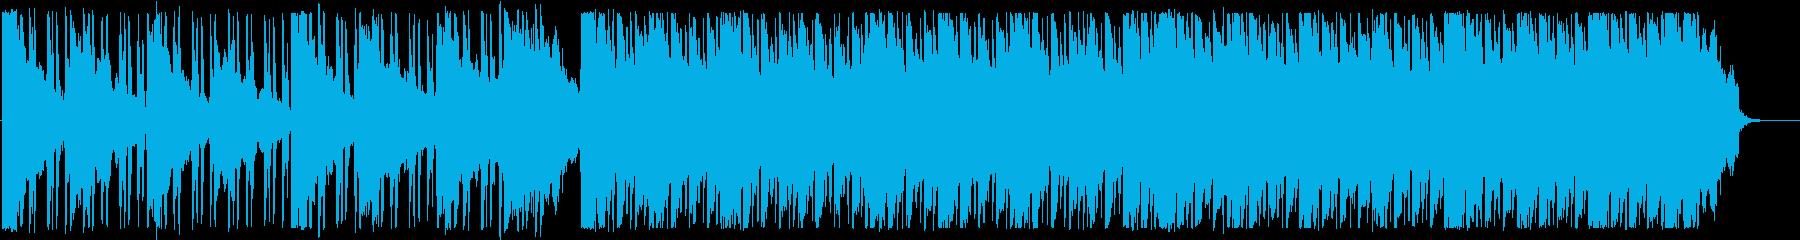 涼しい/ディープハウス_No408_2の再生済みの波形